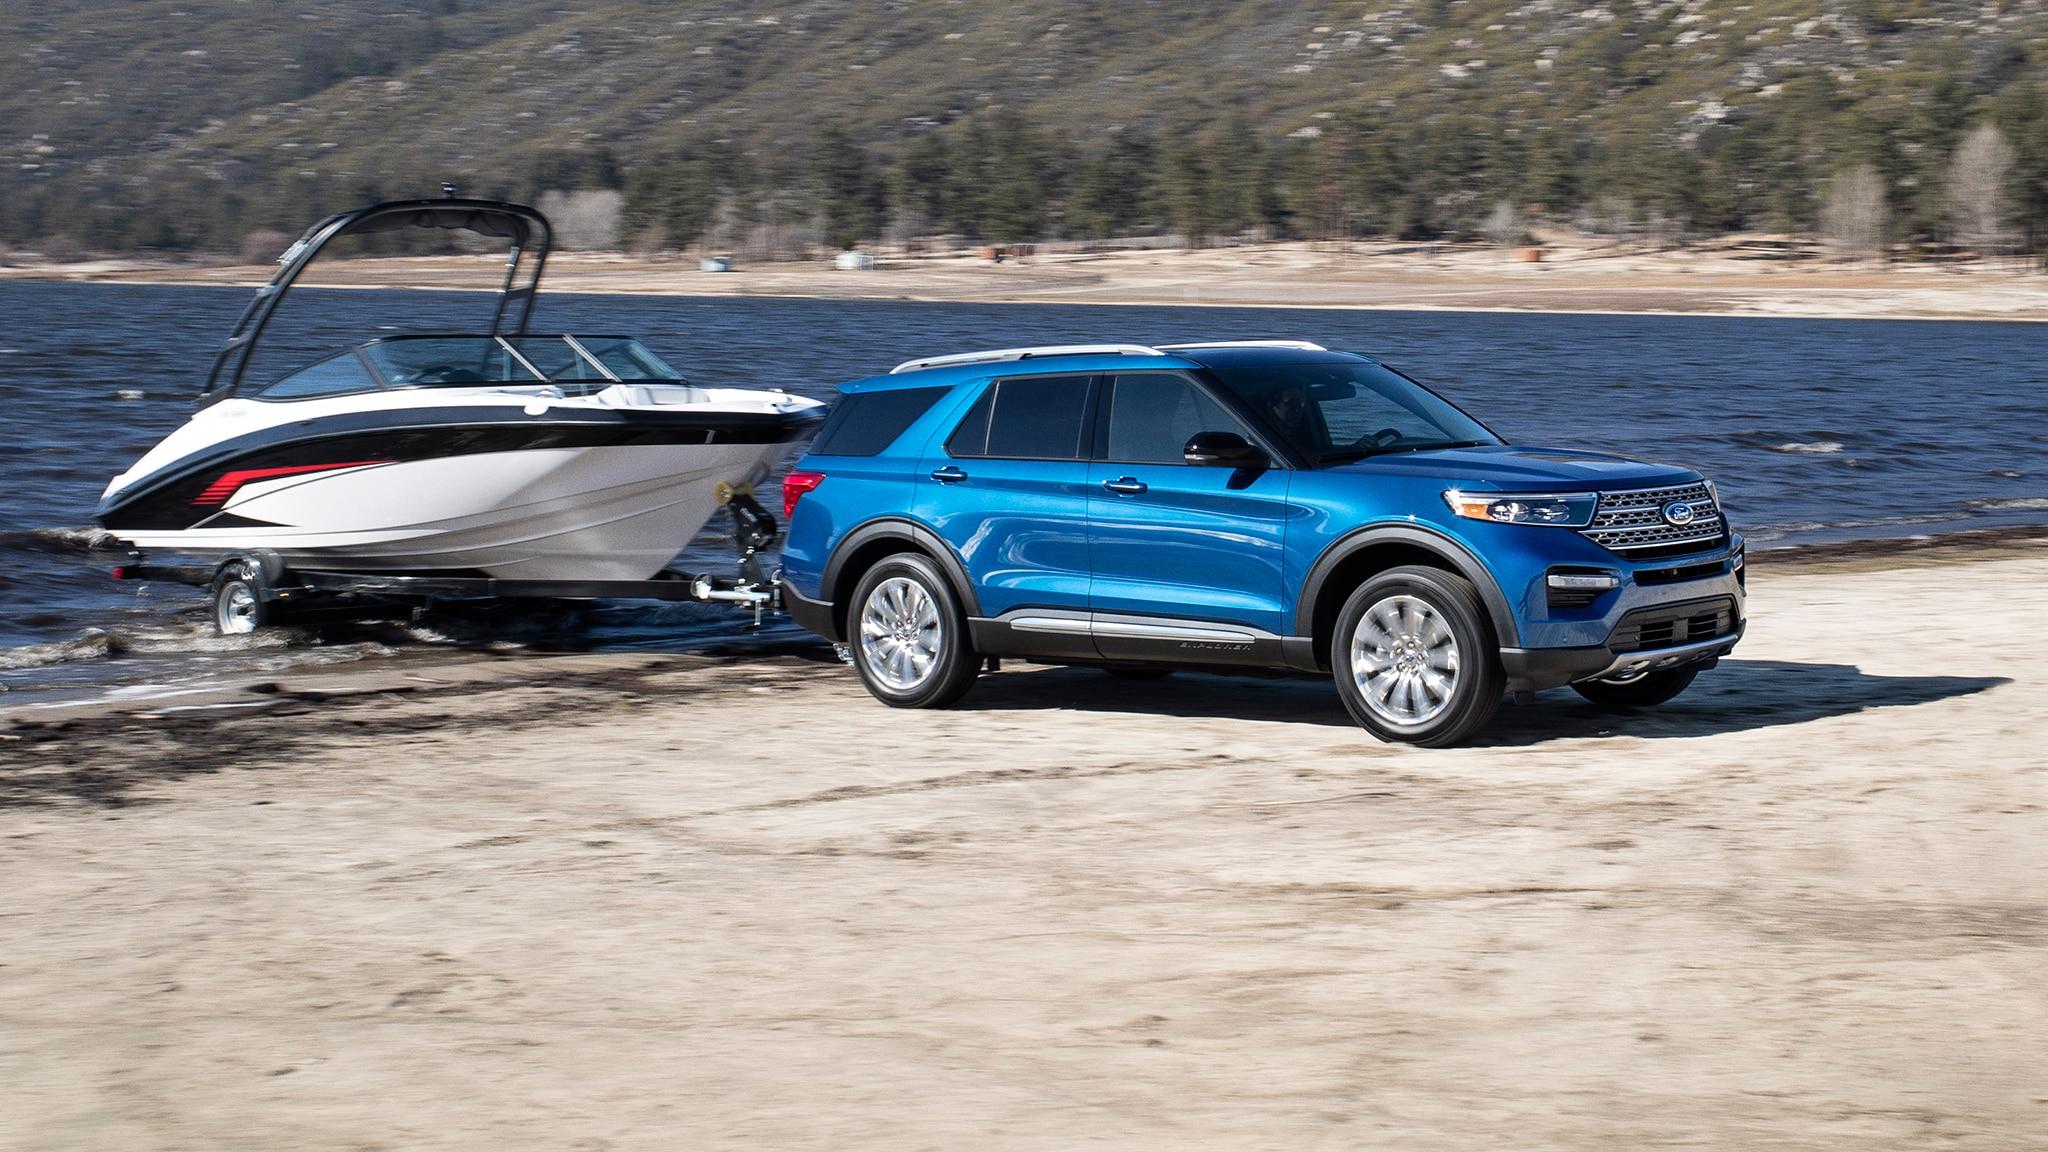 The 2020 Ford Explorer Hybrid Has Impressive Range and MPG